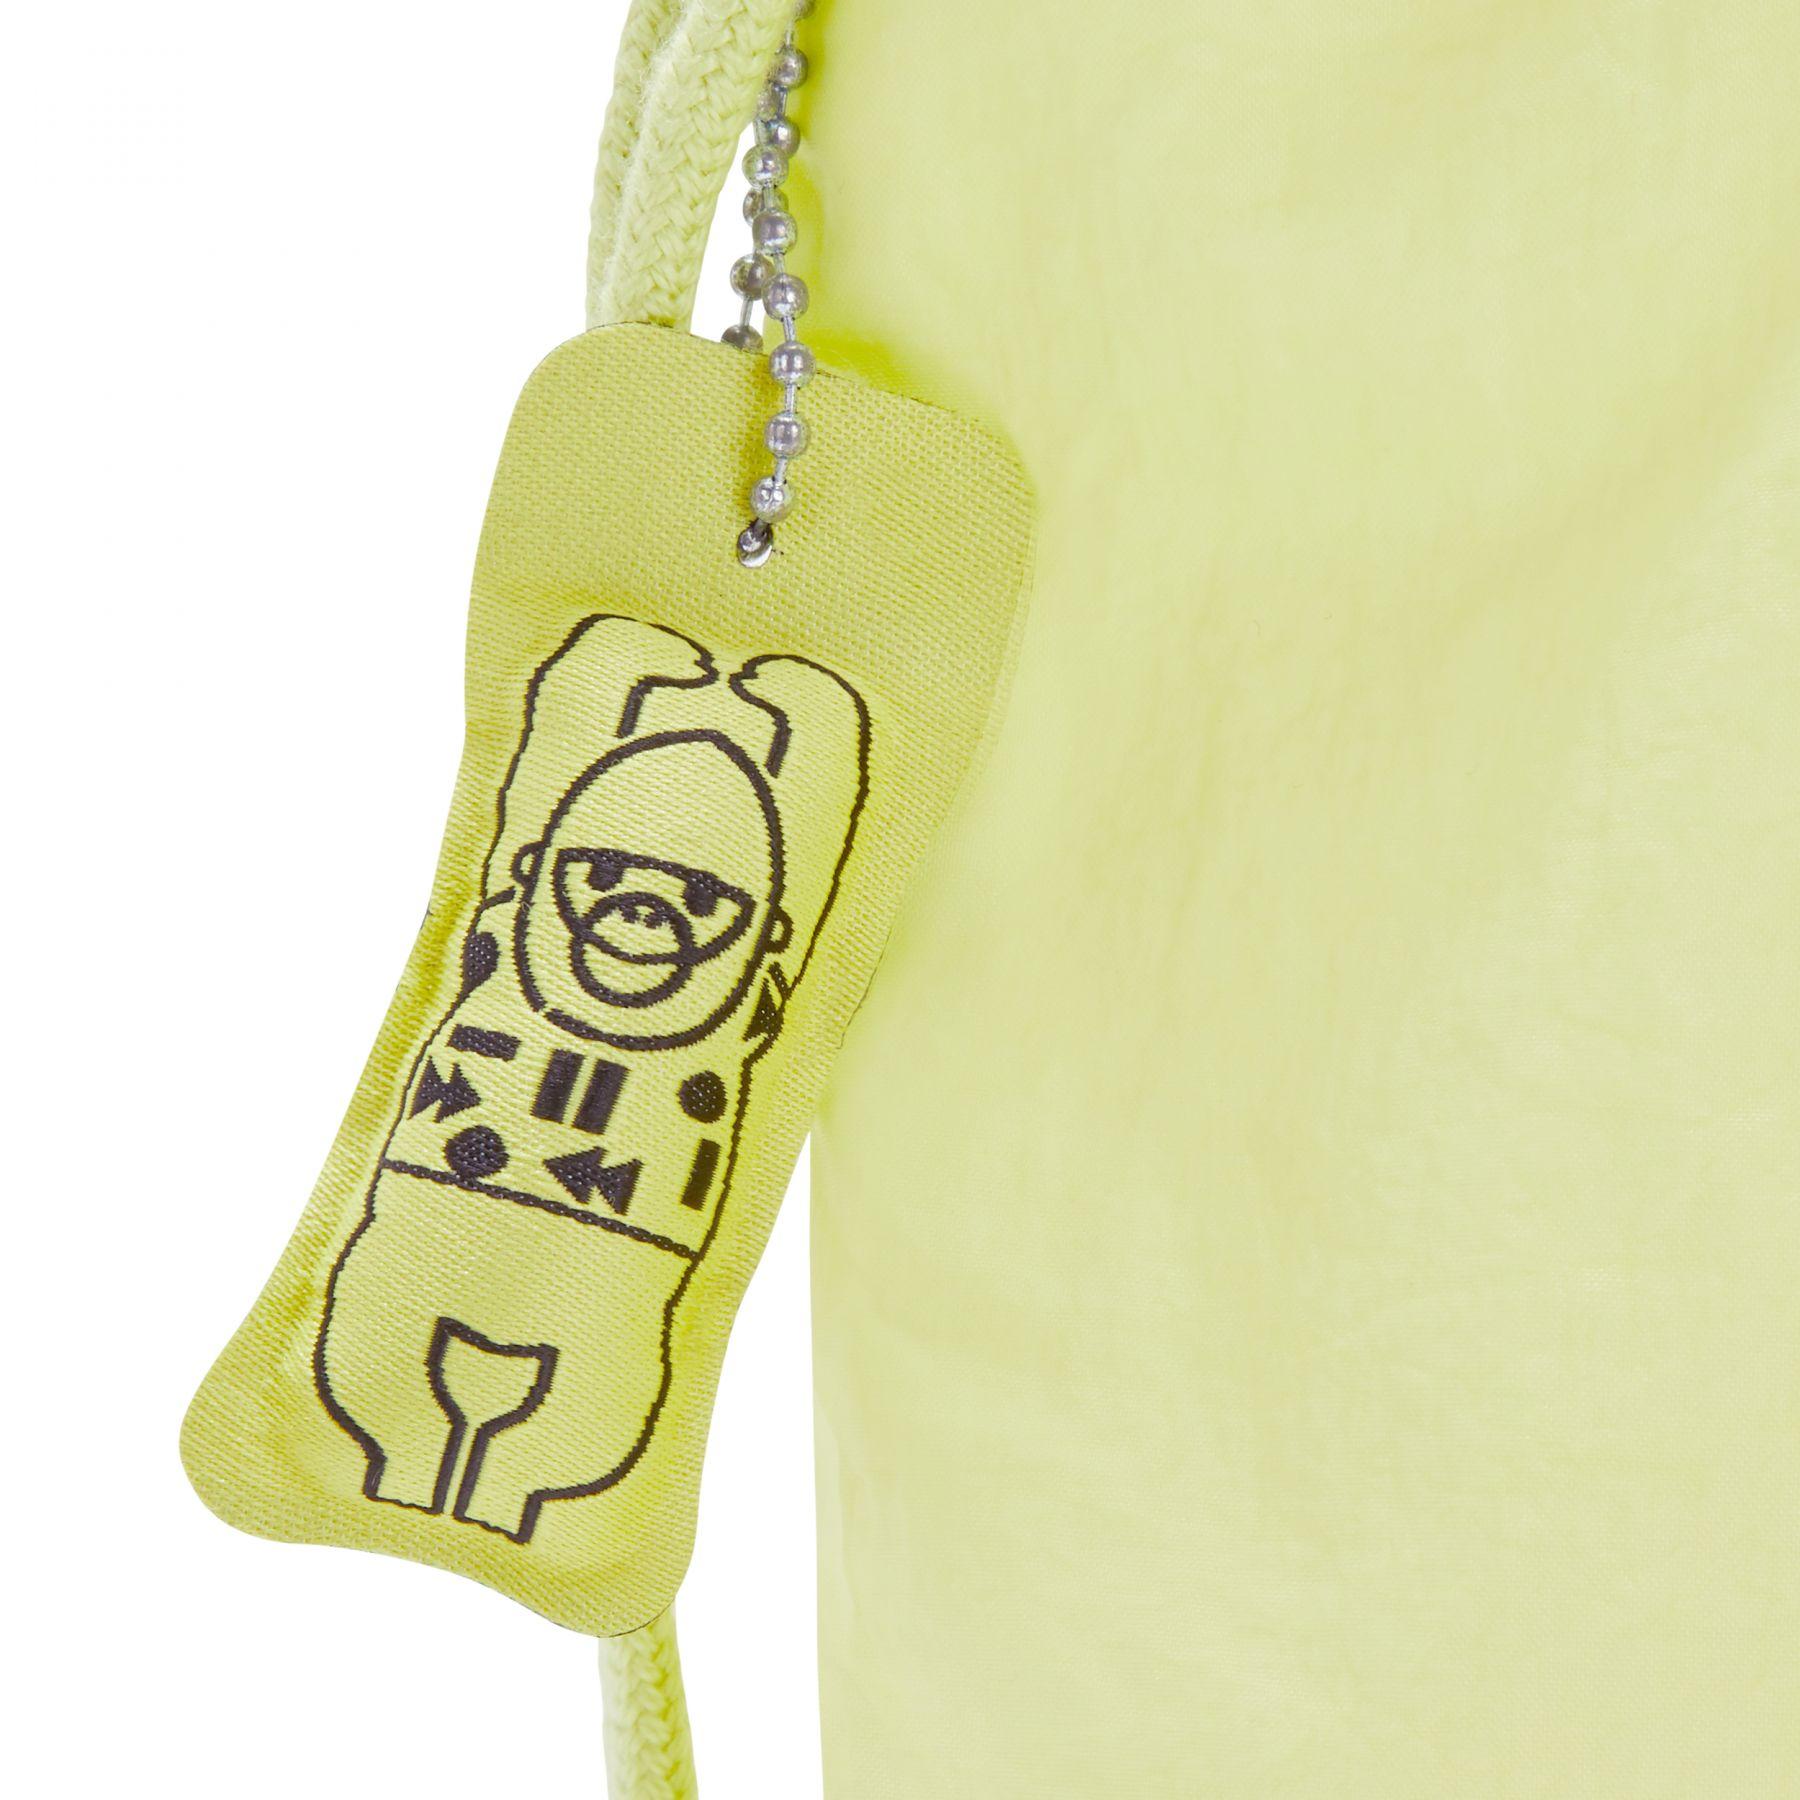 DRAWPACK Lime Green by Kipling